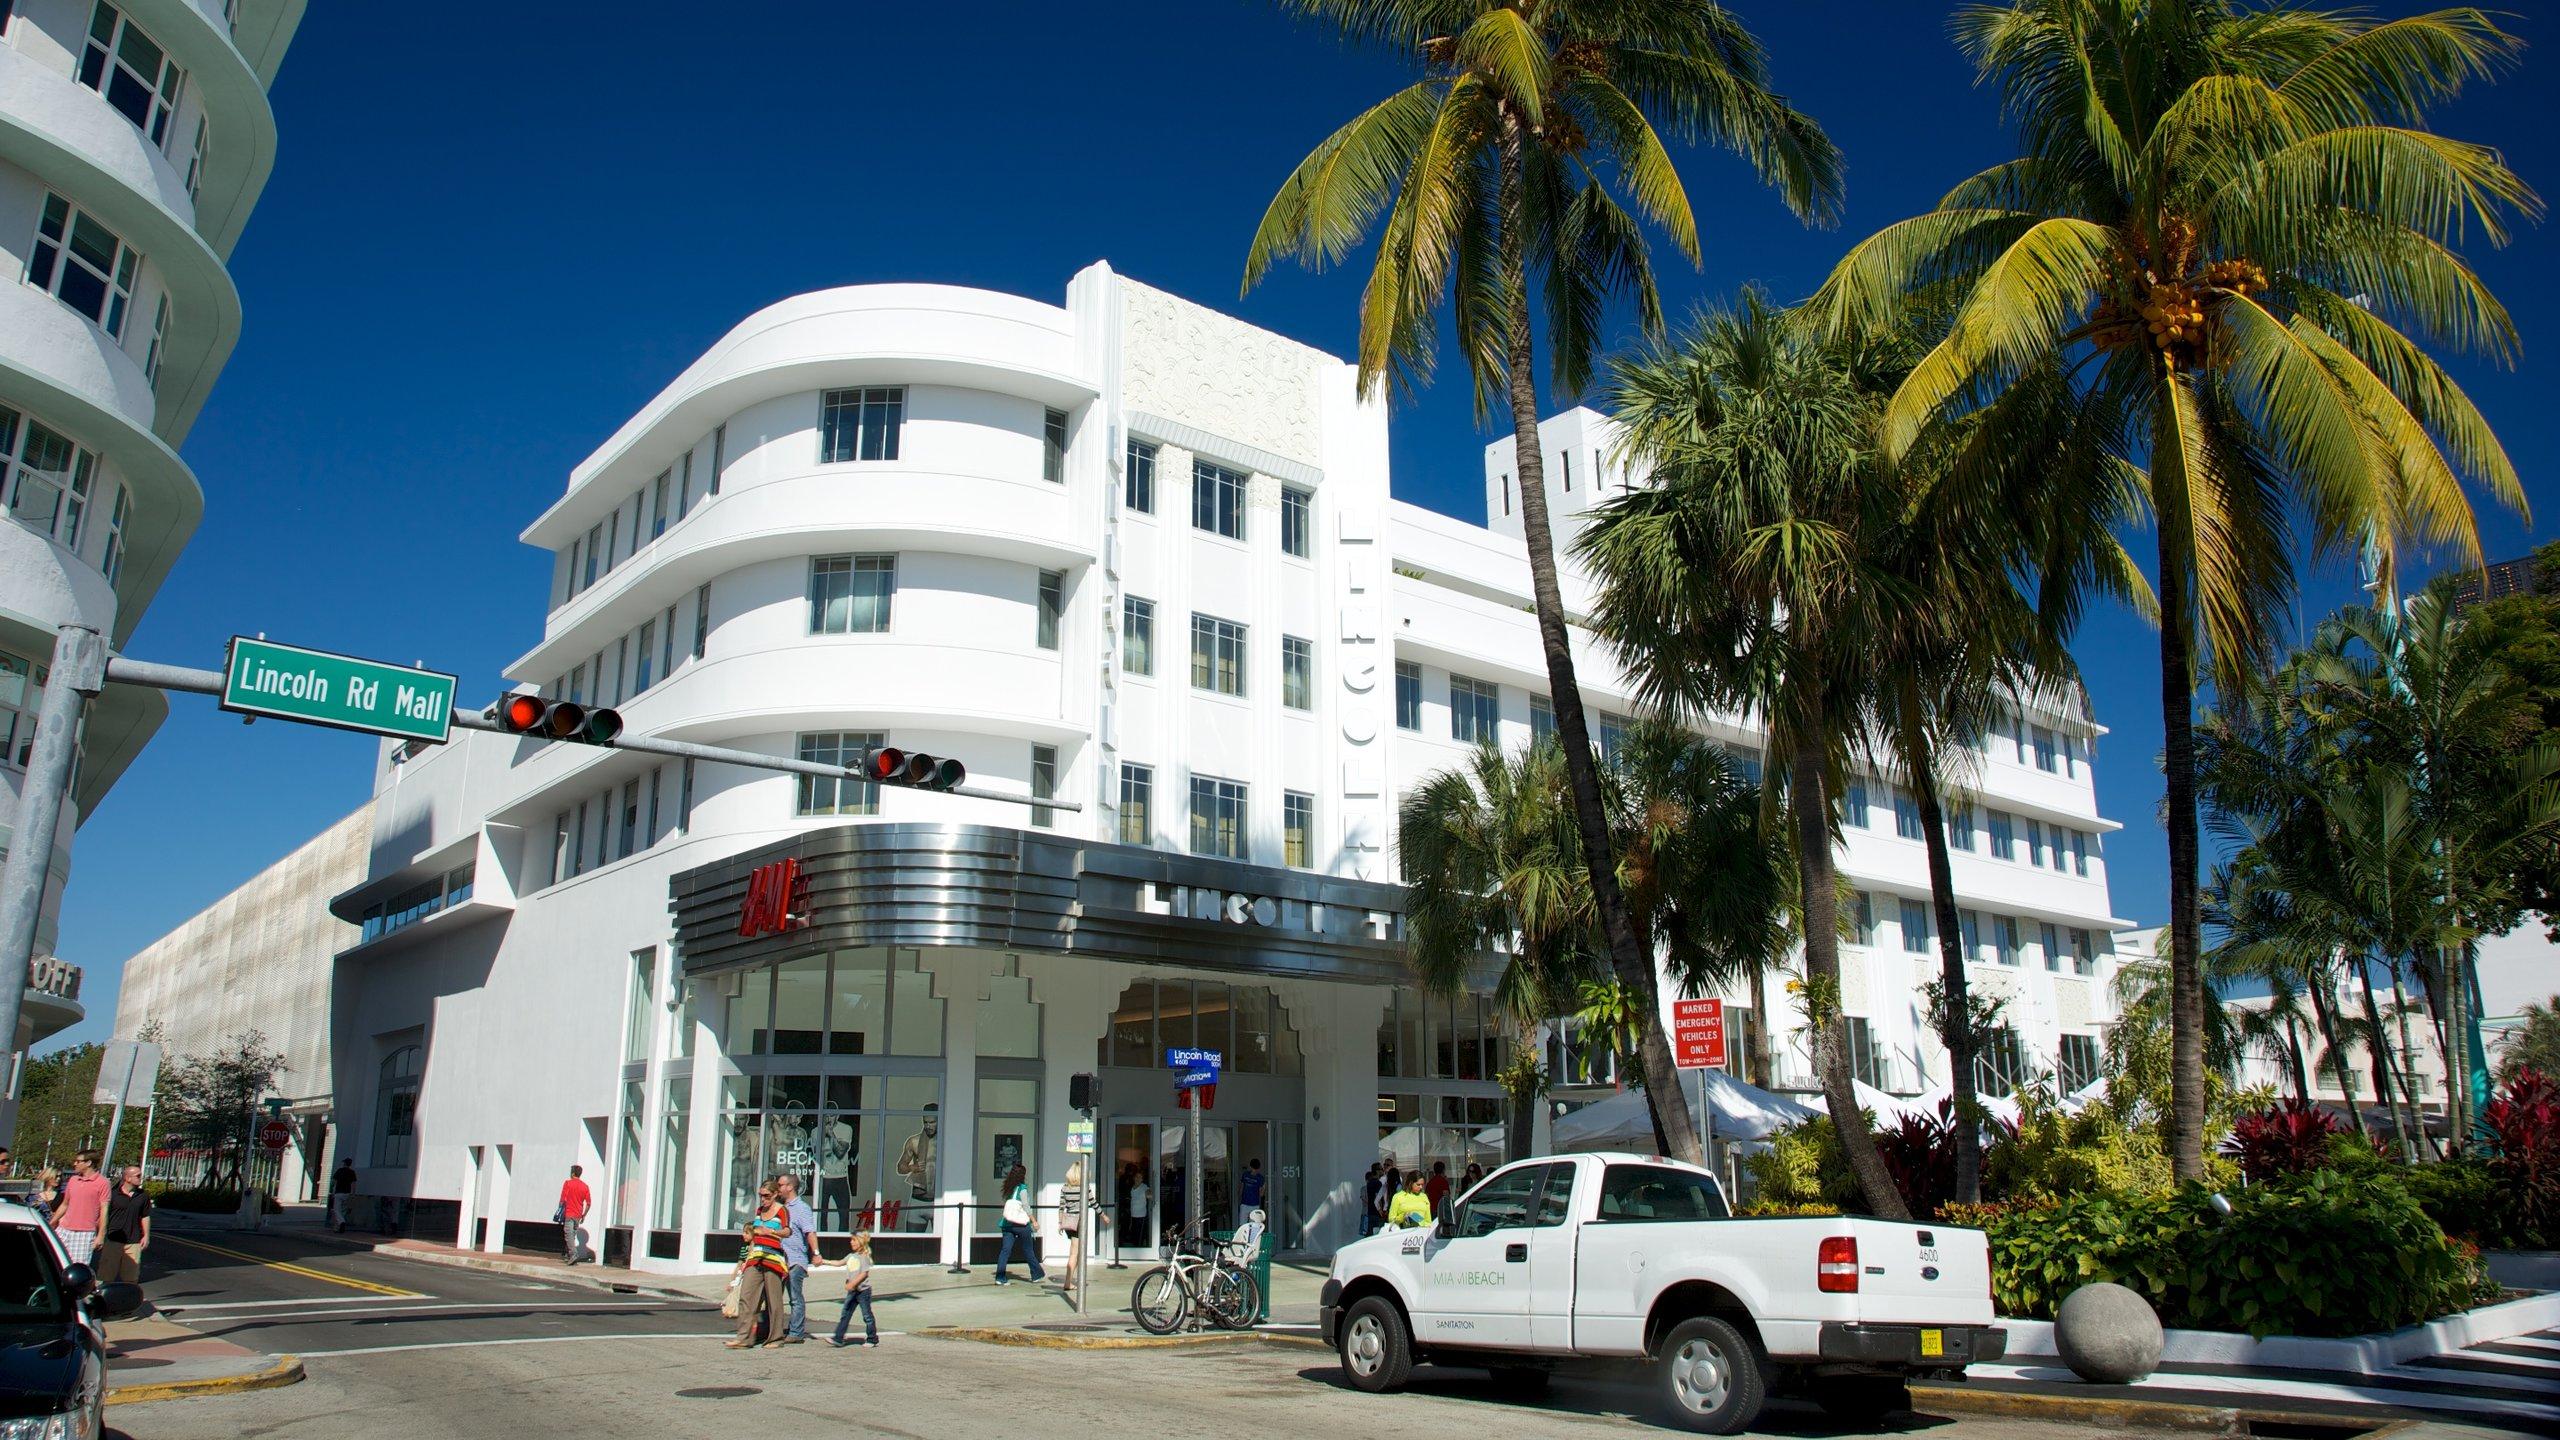 Lincoln Road Mall, Miami Beach, Florida, United States of America